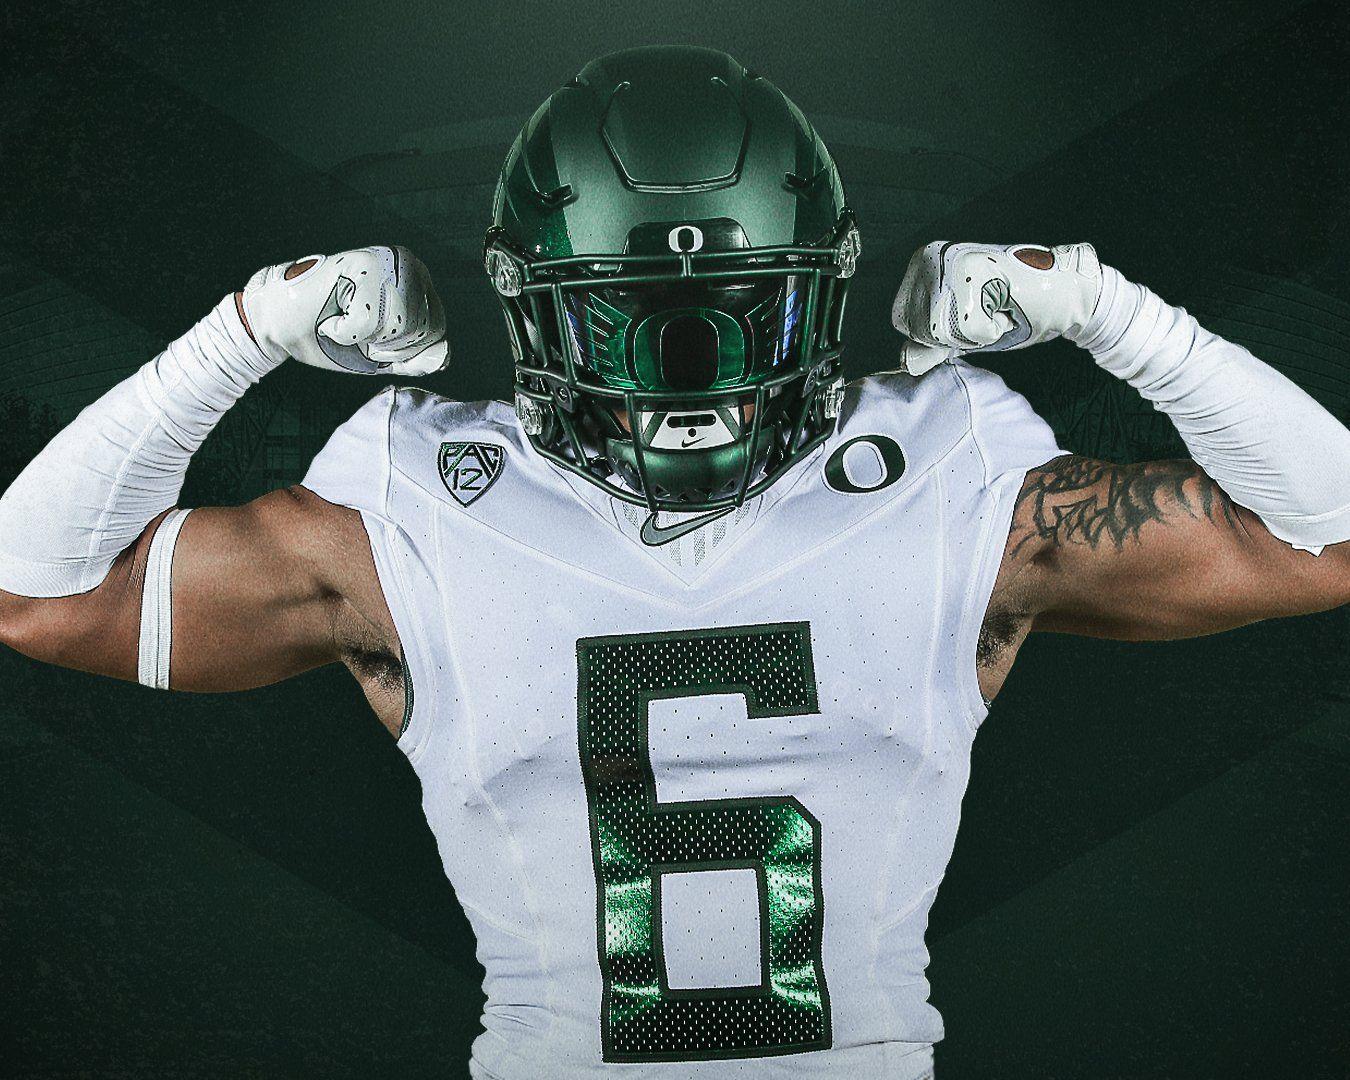 Oregon Ducks O Logo Shoc Football Visor College Football Uniforms Football Helmets Football Uniforms